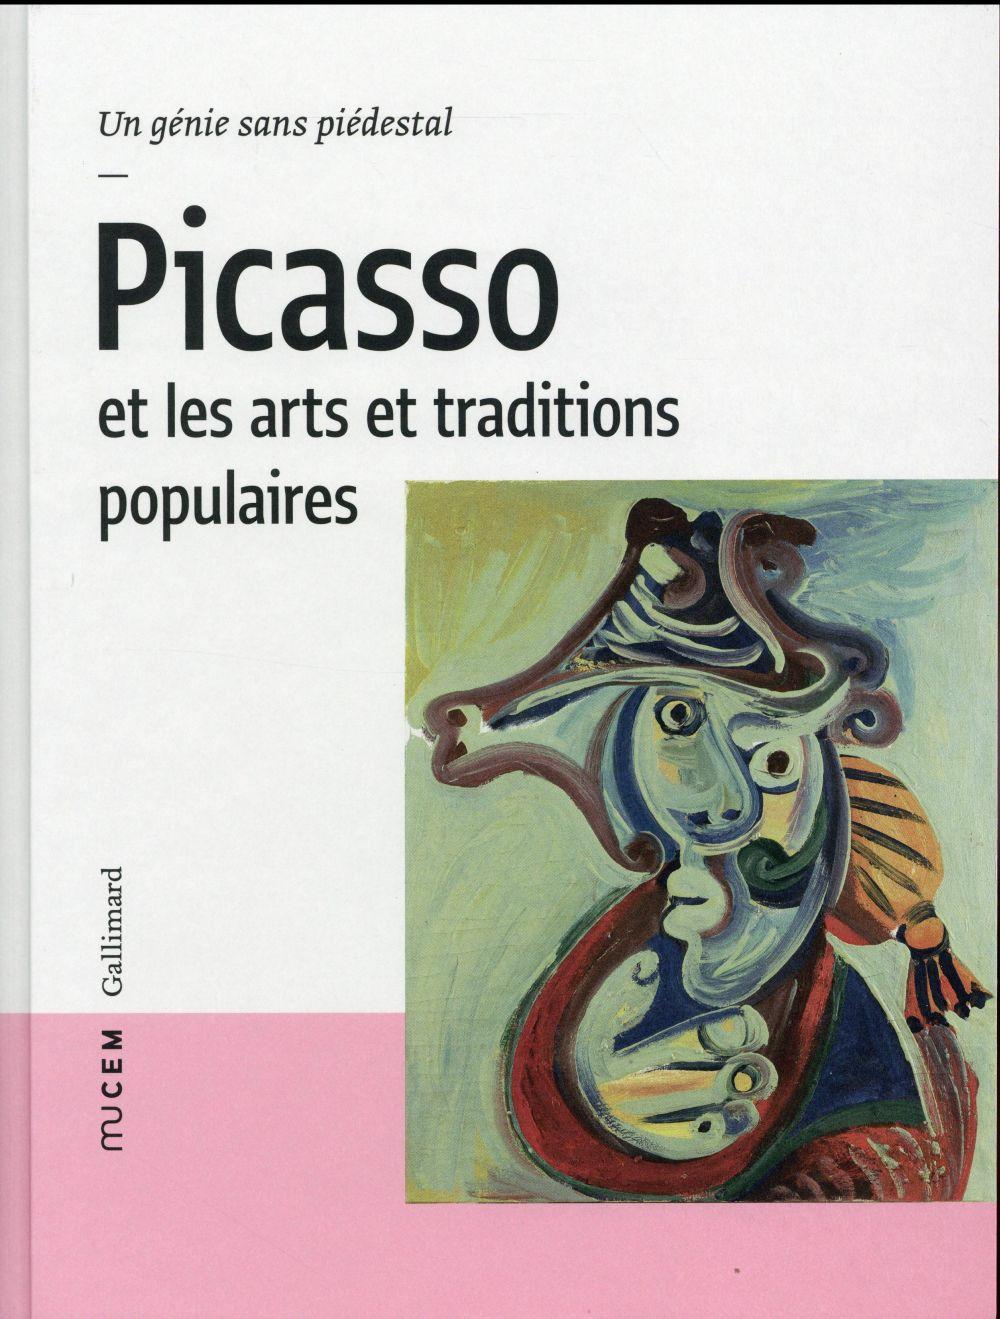 Picasso et les arts et traditions populaires ; un génie sans piédestal